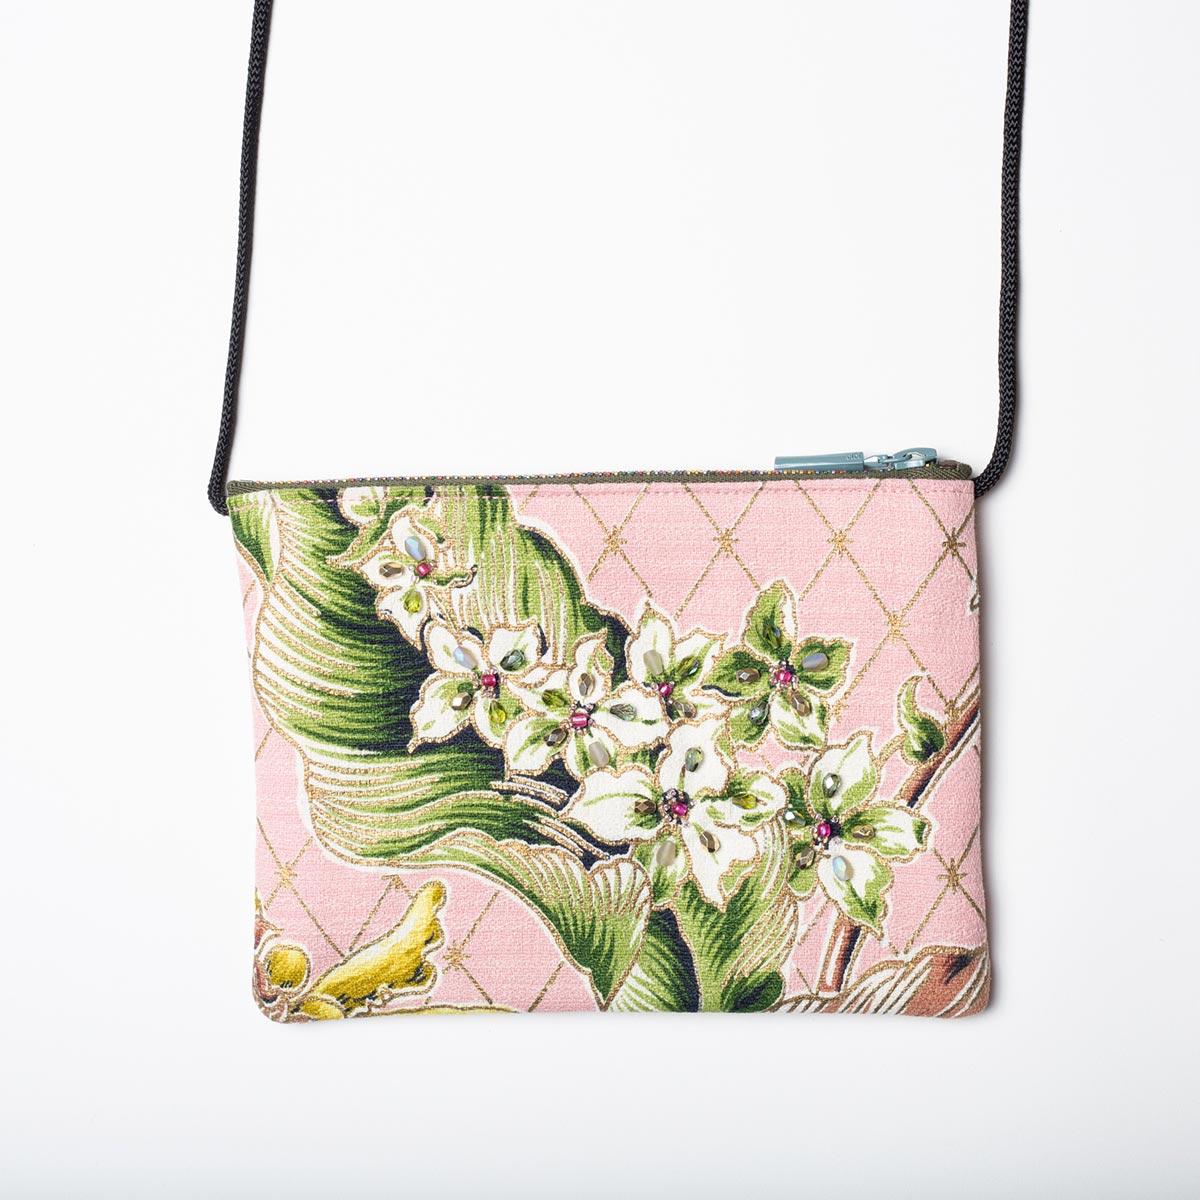 The Opera Bag – Tropical Leaf